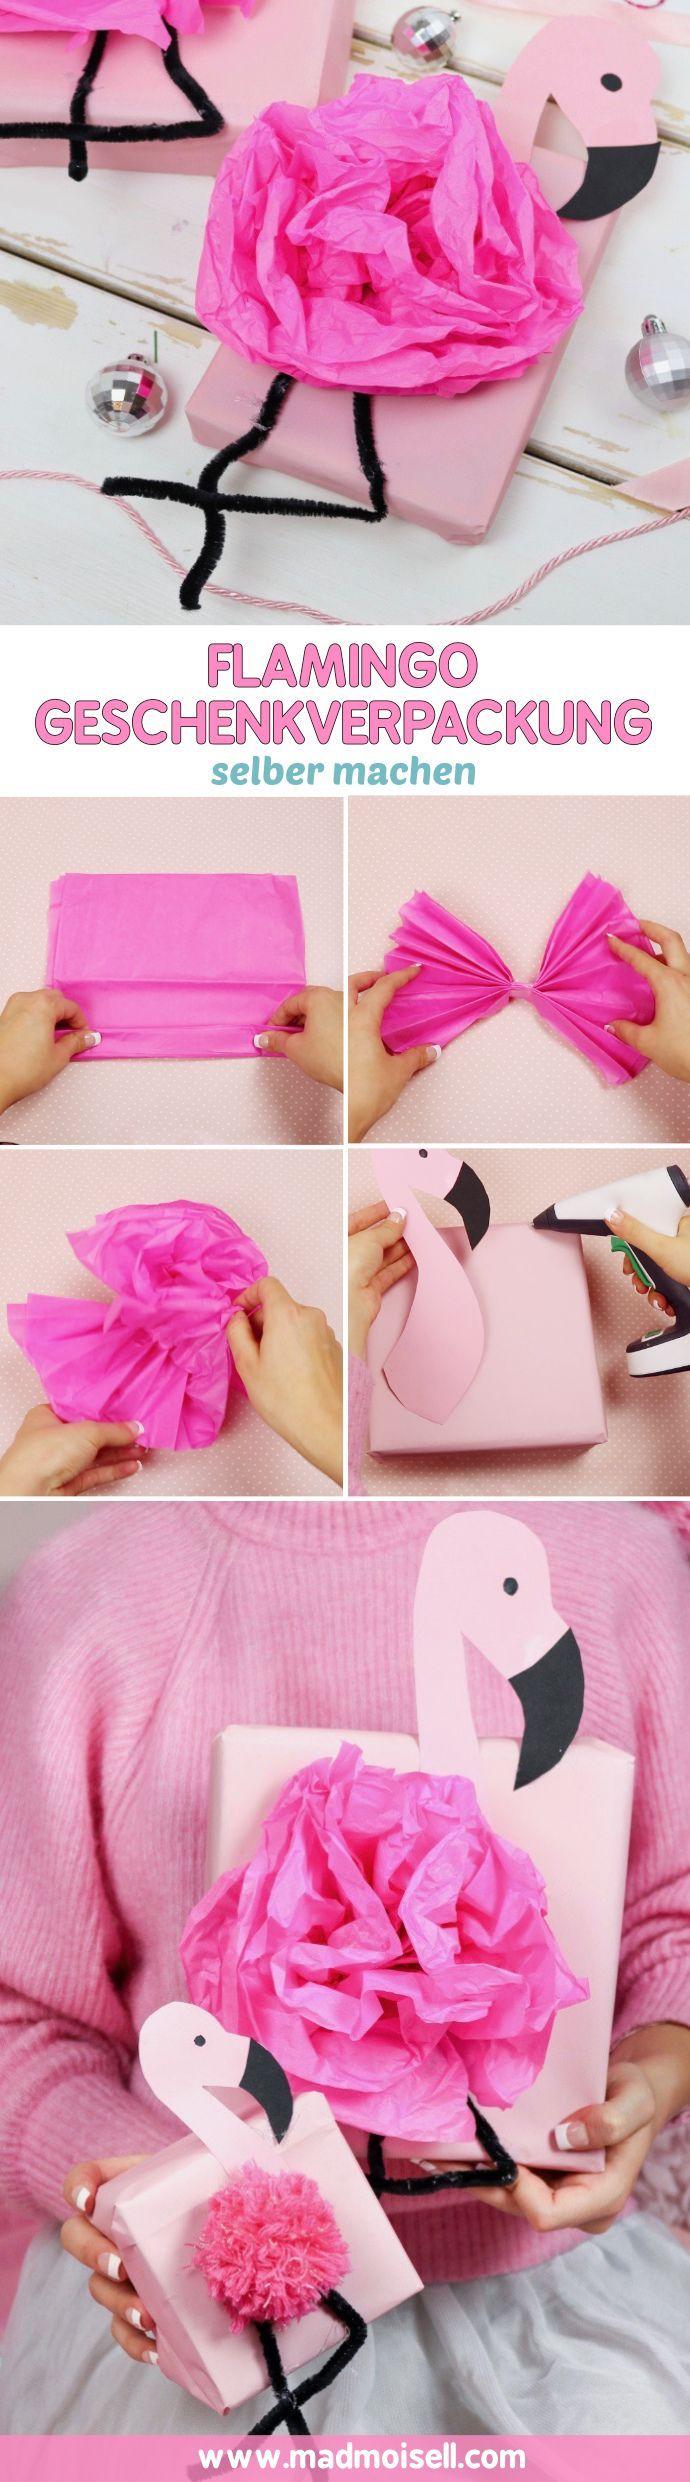 DIY Flamingo Geschenkverpackung basteln: 3 kreative Geschenk Ideen ...